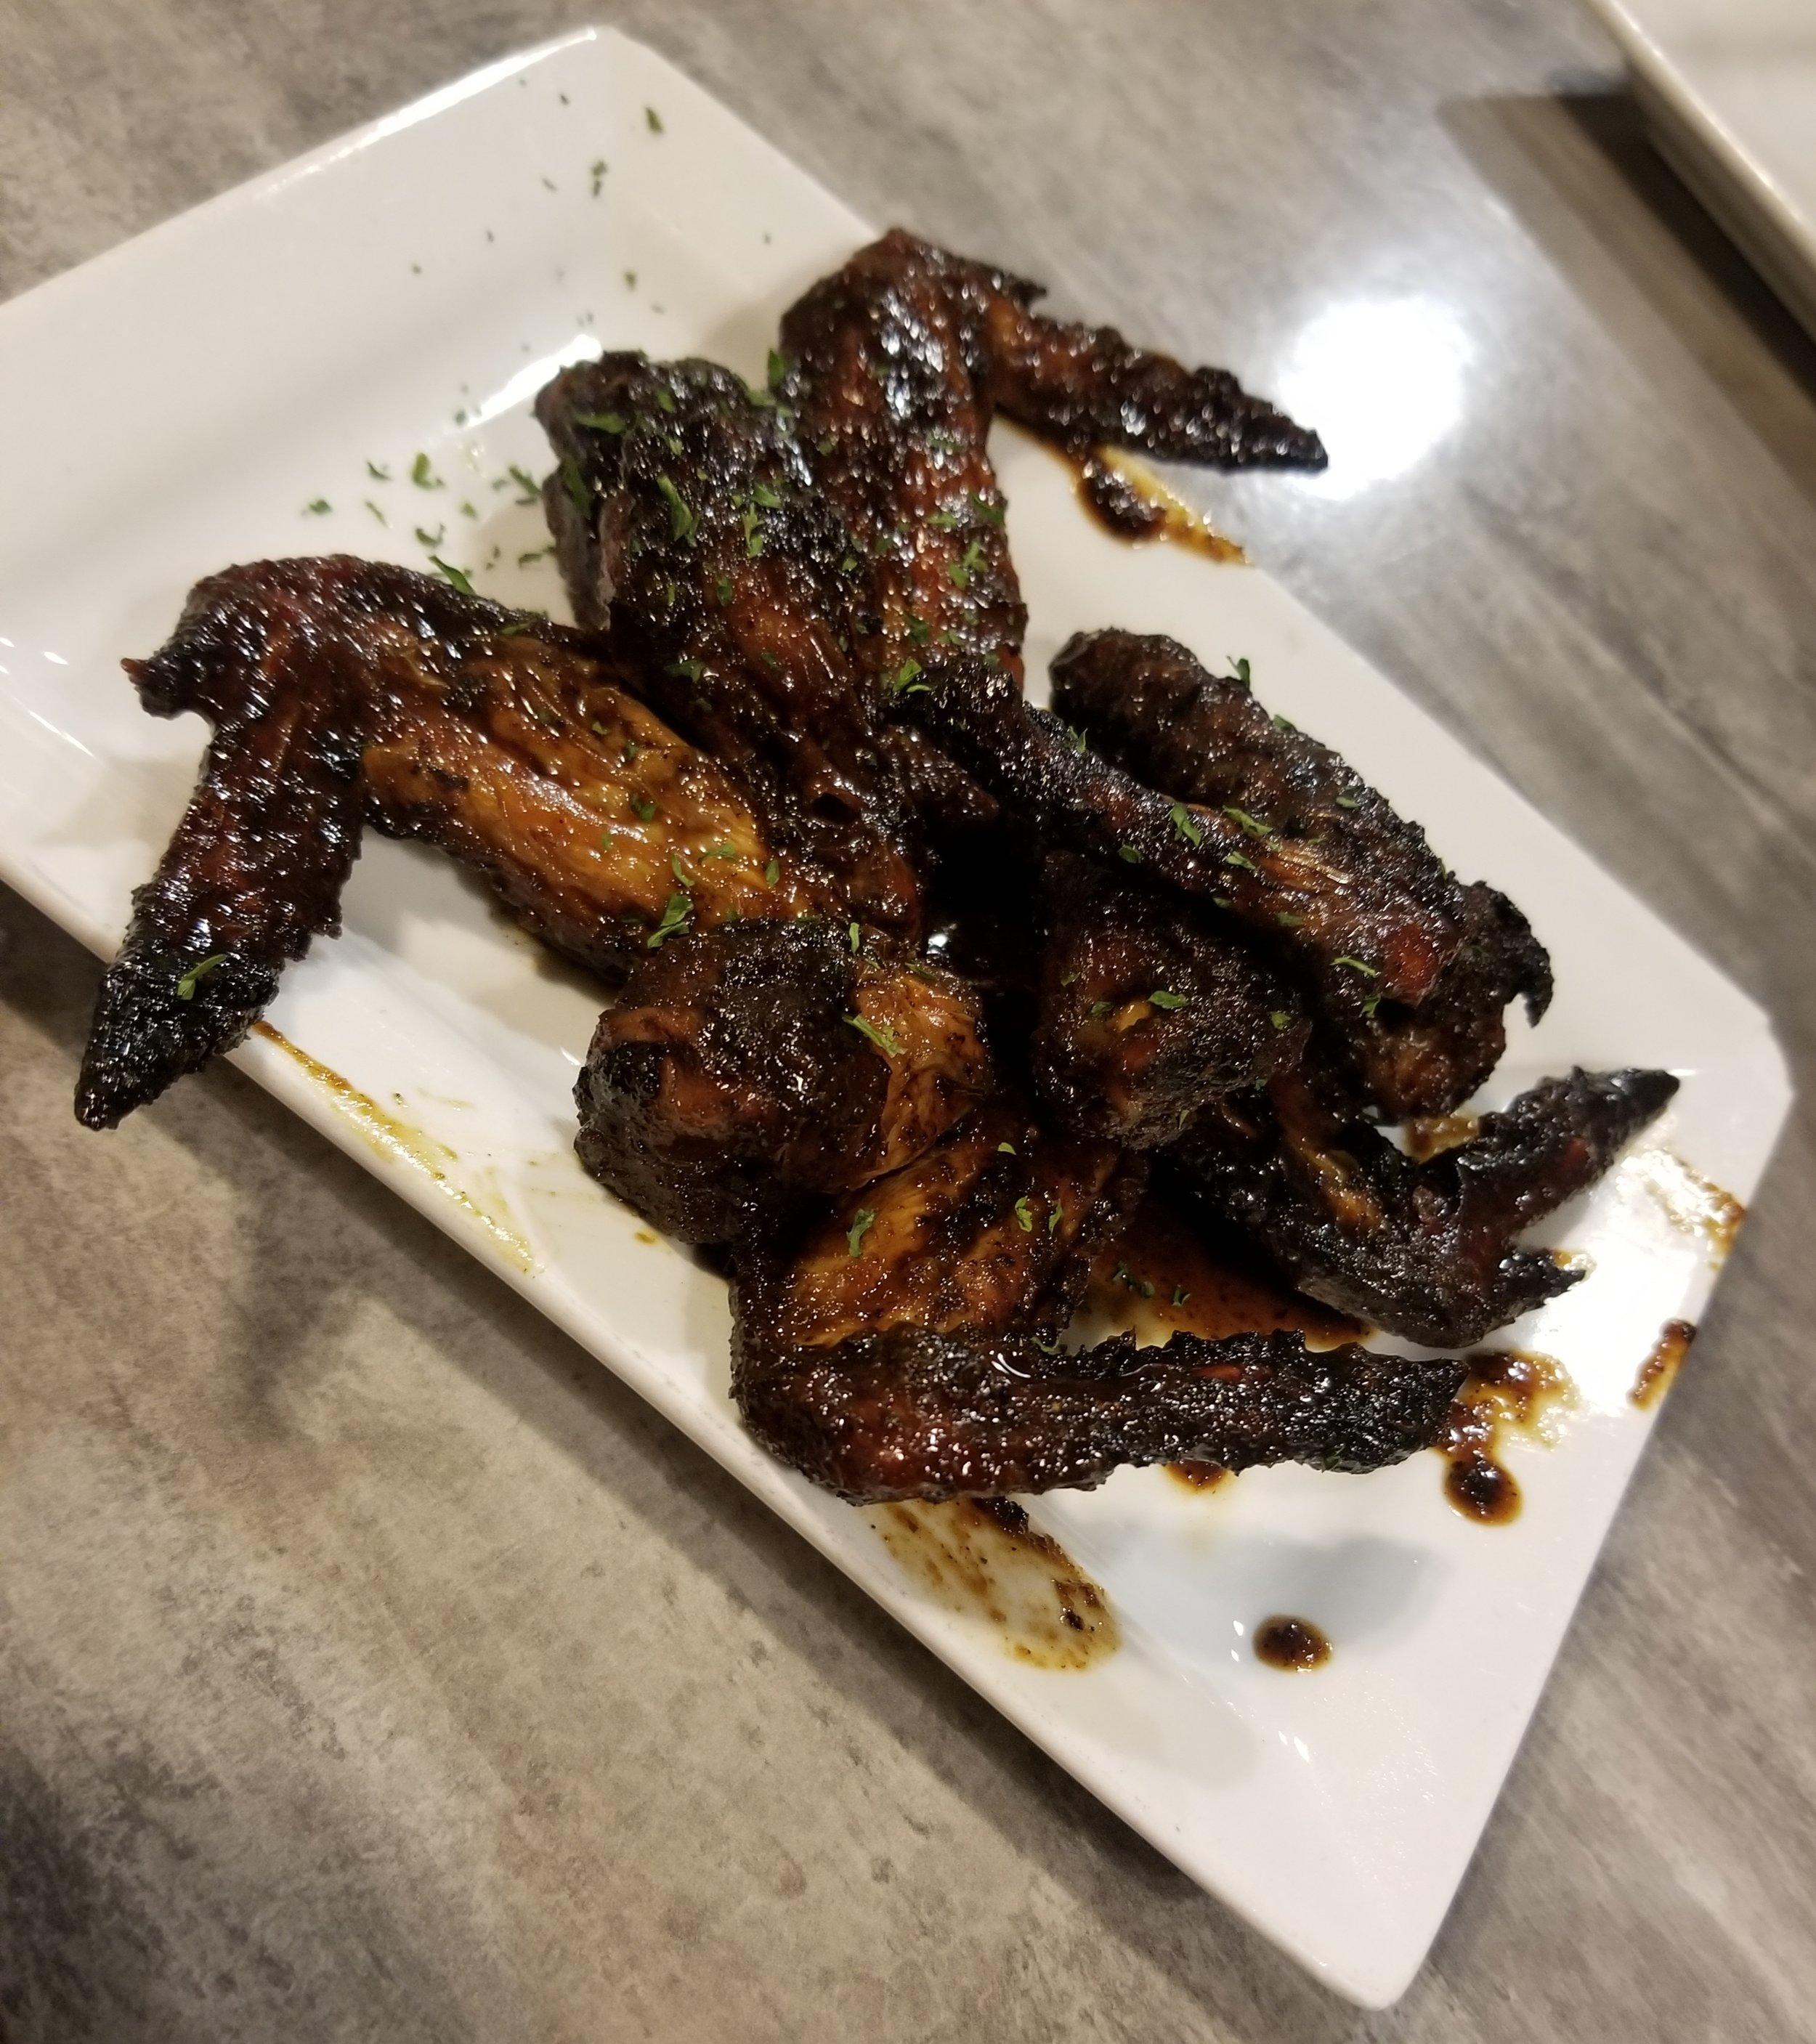 BBQ Jerk Wings (4) $8.00